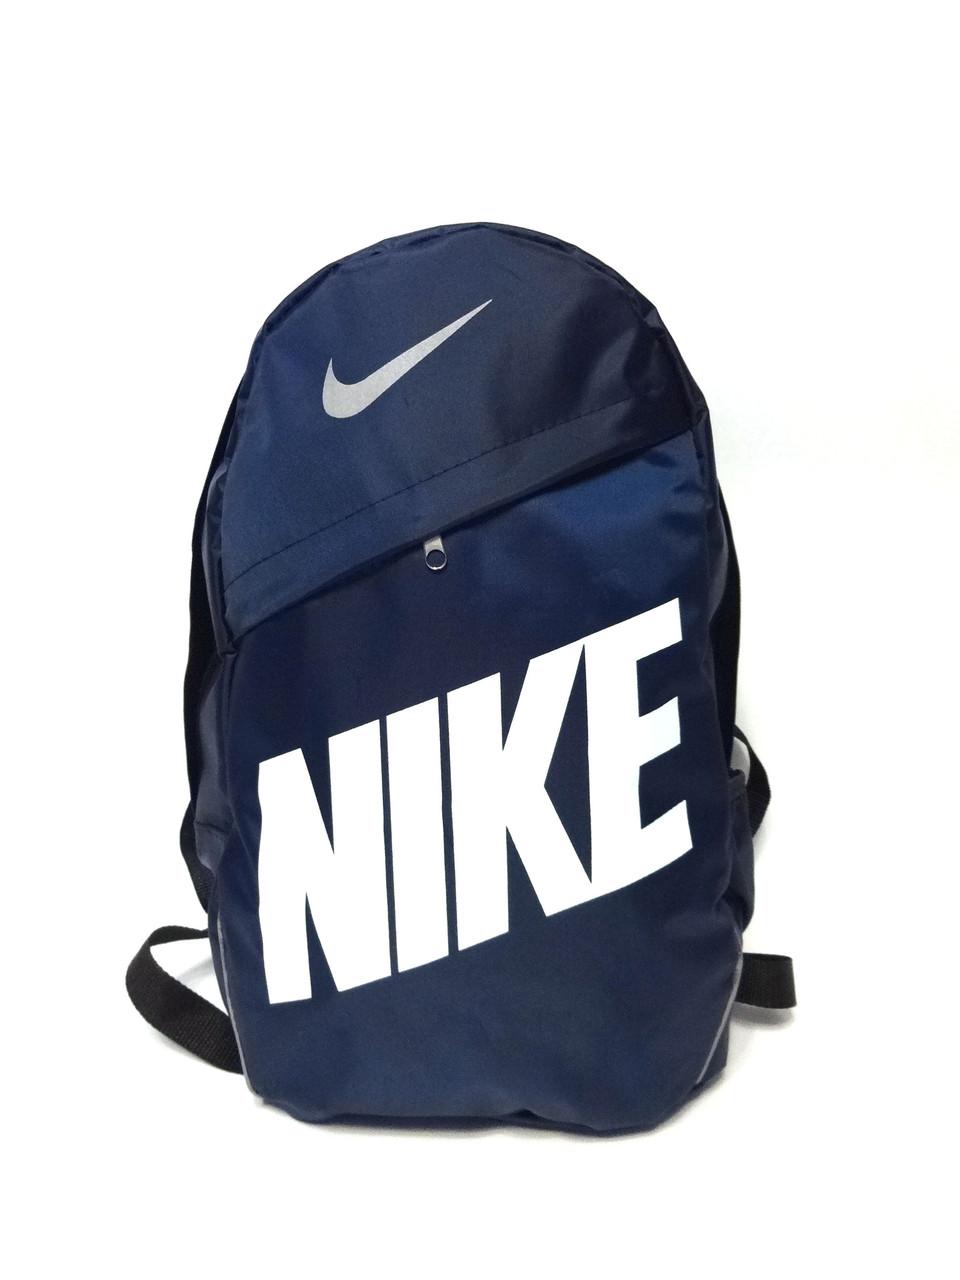 Спортивный рюкзак портфель  Nike (Найк) молодежный. Синий с белым принтом  реплика